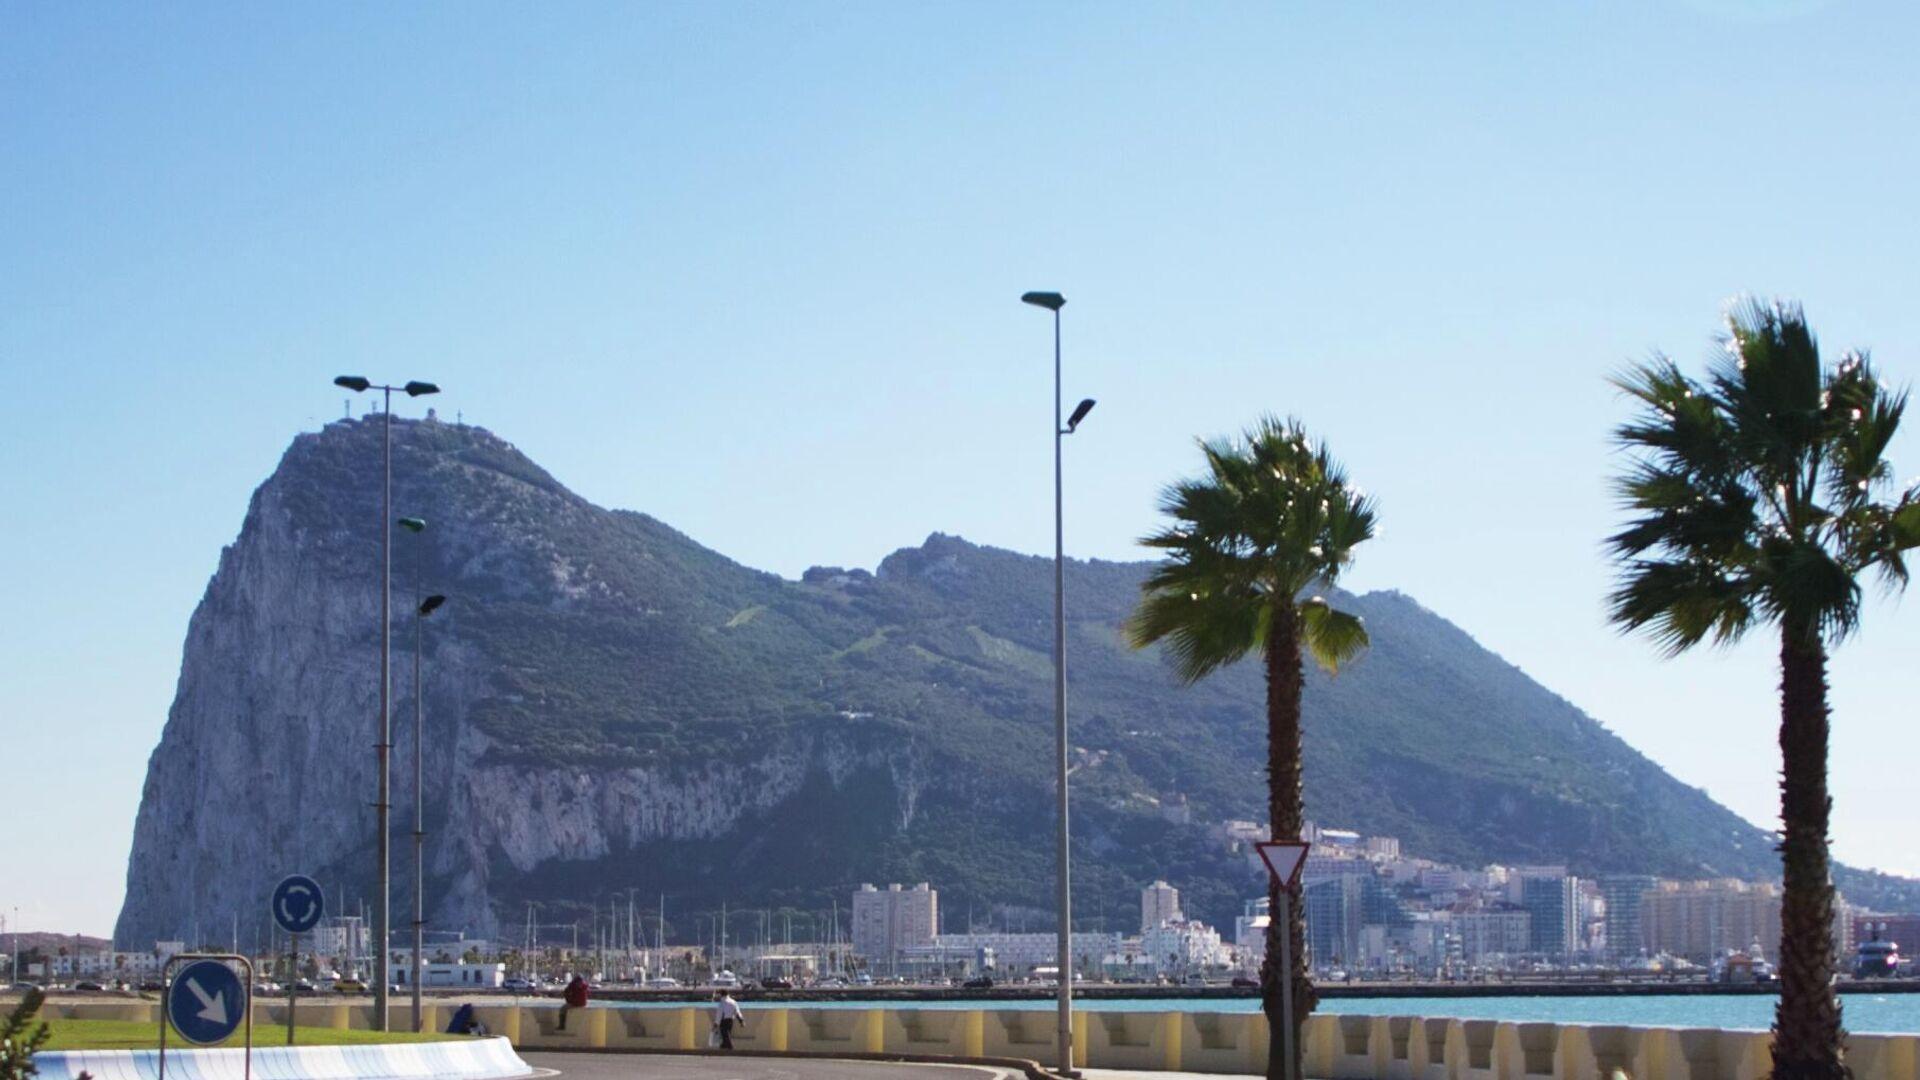 Vista del peñón de Gibraltar desde La Línea de la Concepción - Sputnik Mundo, 1920, 11.05.2021